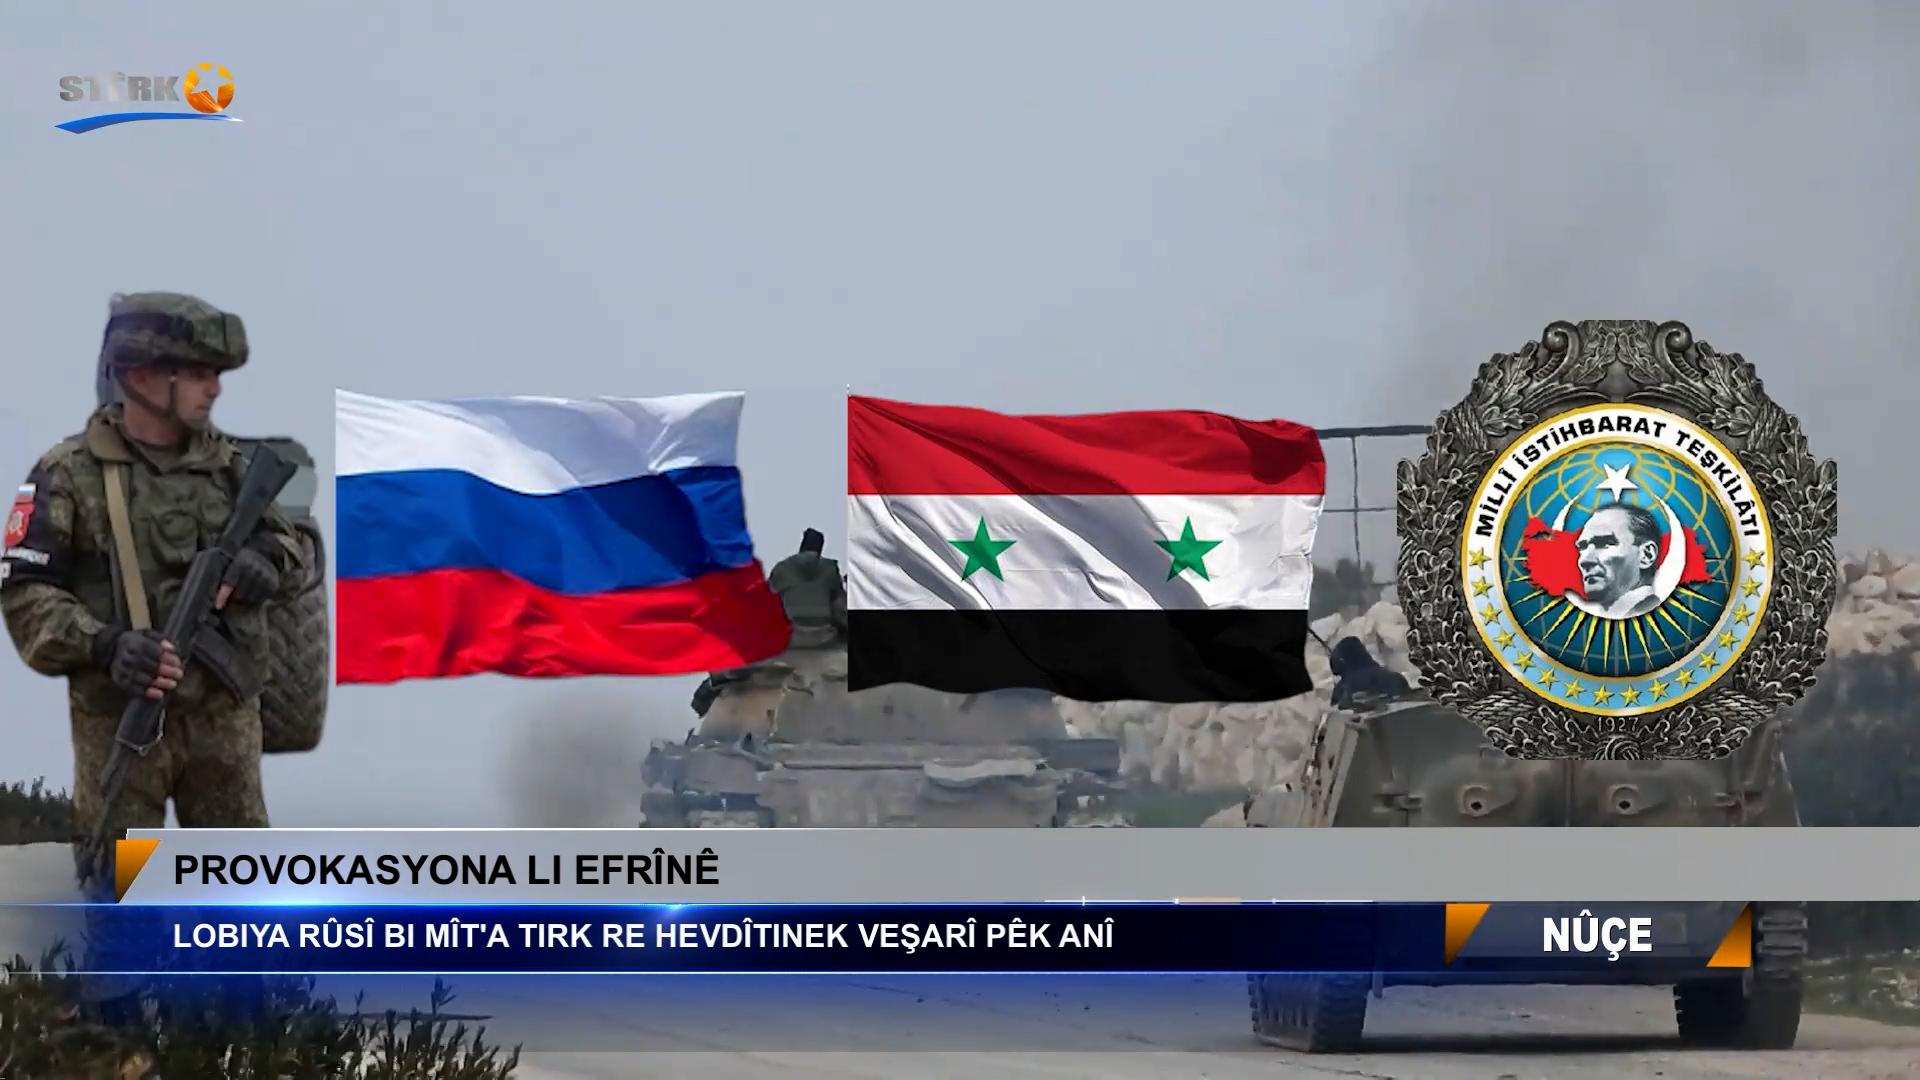 Provokasyona li Efrînê: Lobiya Rûsî bi MÎT'a Tirk re hevdîtinek veşartî pêk anî